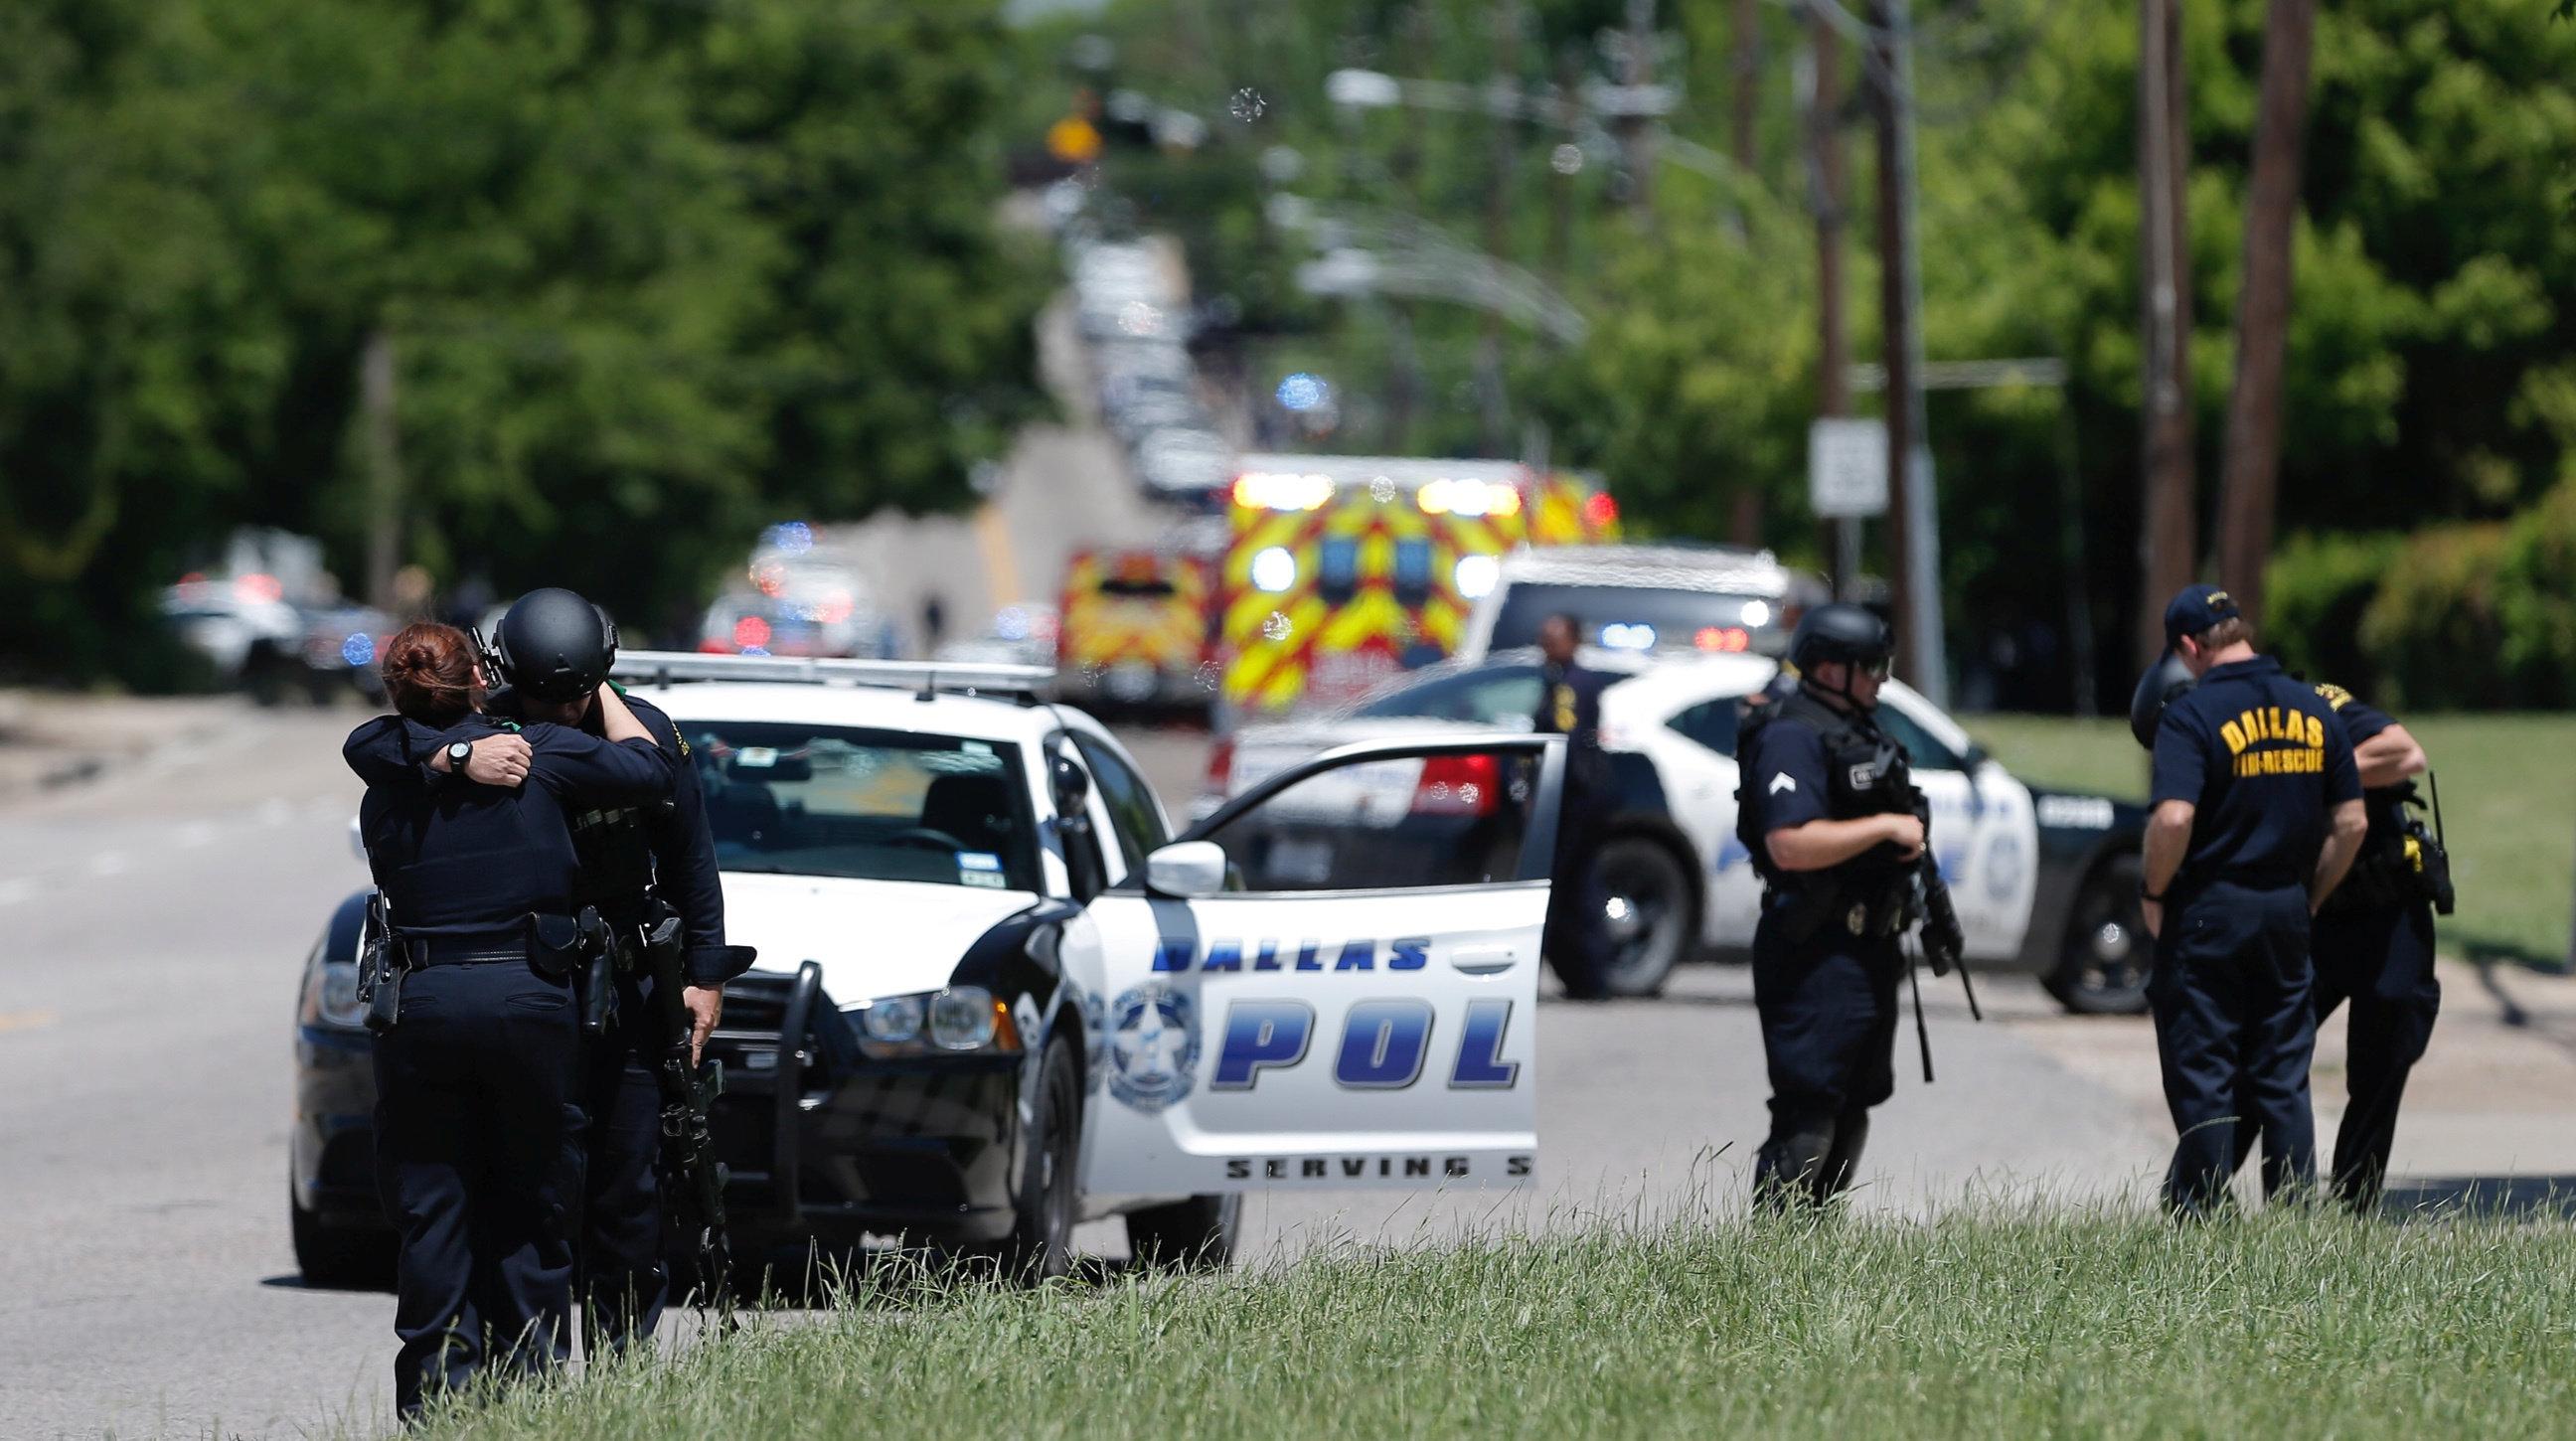 ΗΠΑ: Αστυνομικός μπήκε σε διαμέρισμα που νόμιζε ότι ήταν δικό της και σκότωσε τον άνδρα που βρήκε